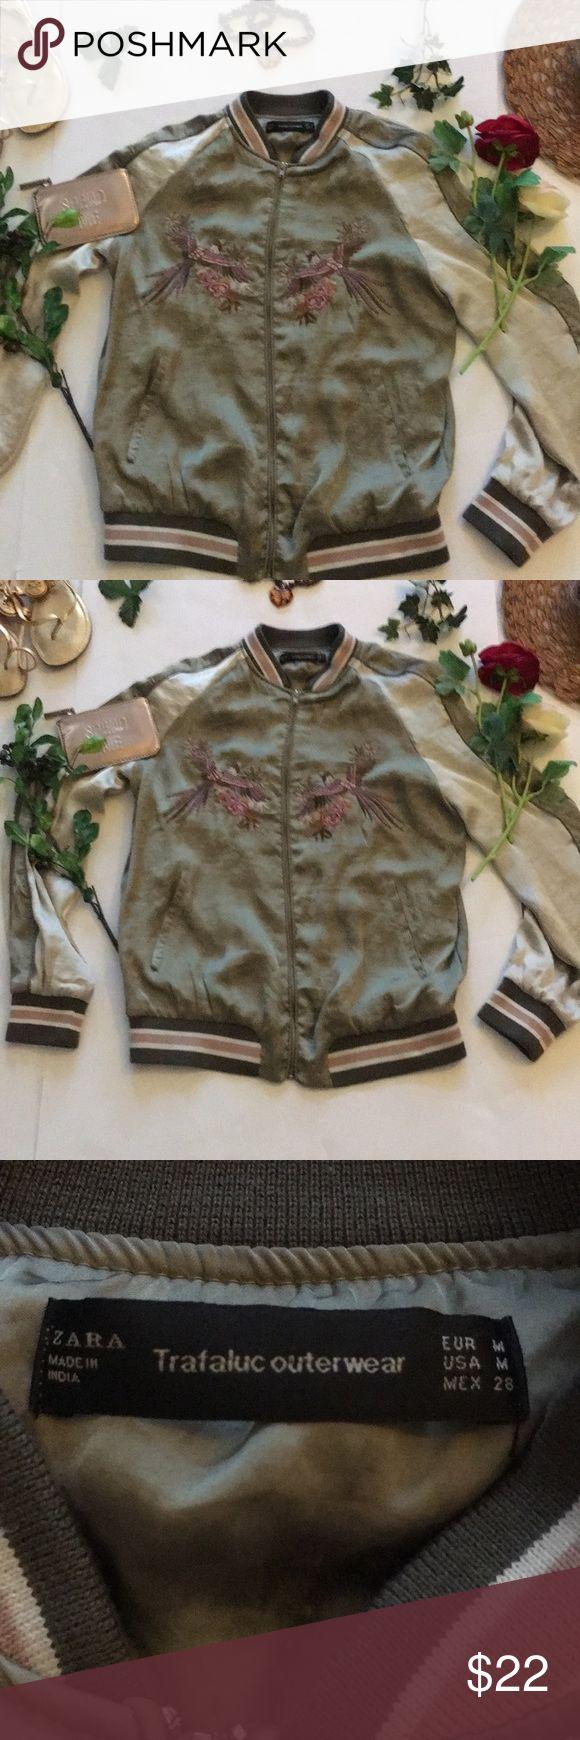 ❤Zara Jacket❤ ❤in good used condition Zara Bomber Jacket in size Medium❤ Zara Jackets & Coats